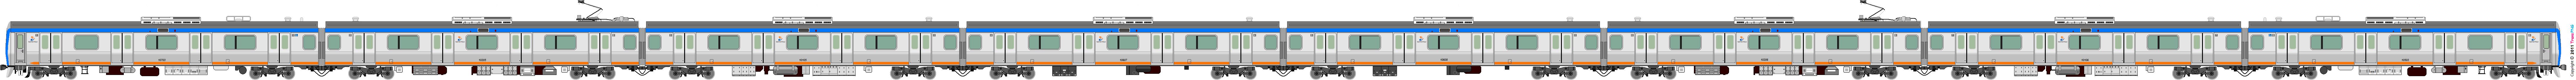 鐵路列車 5594